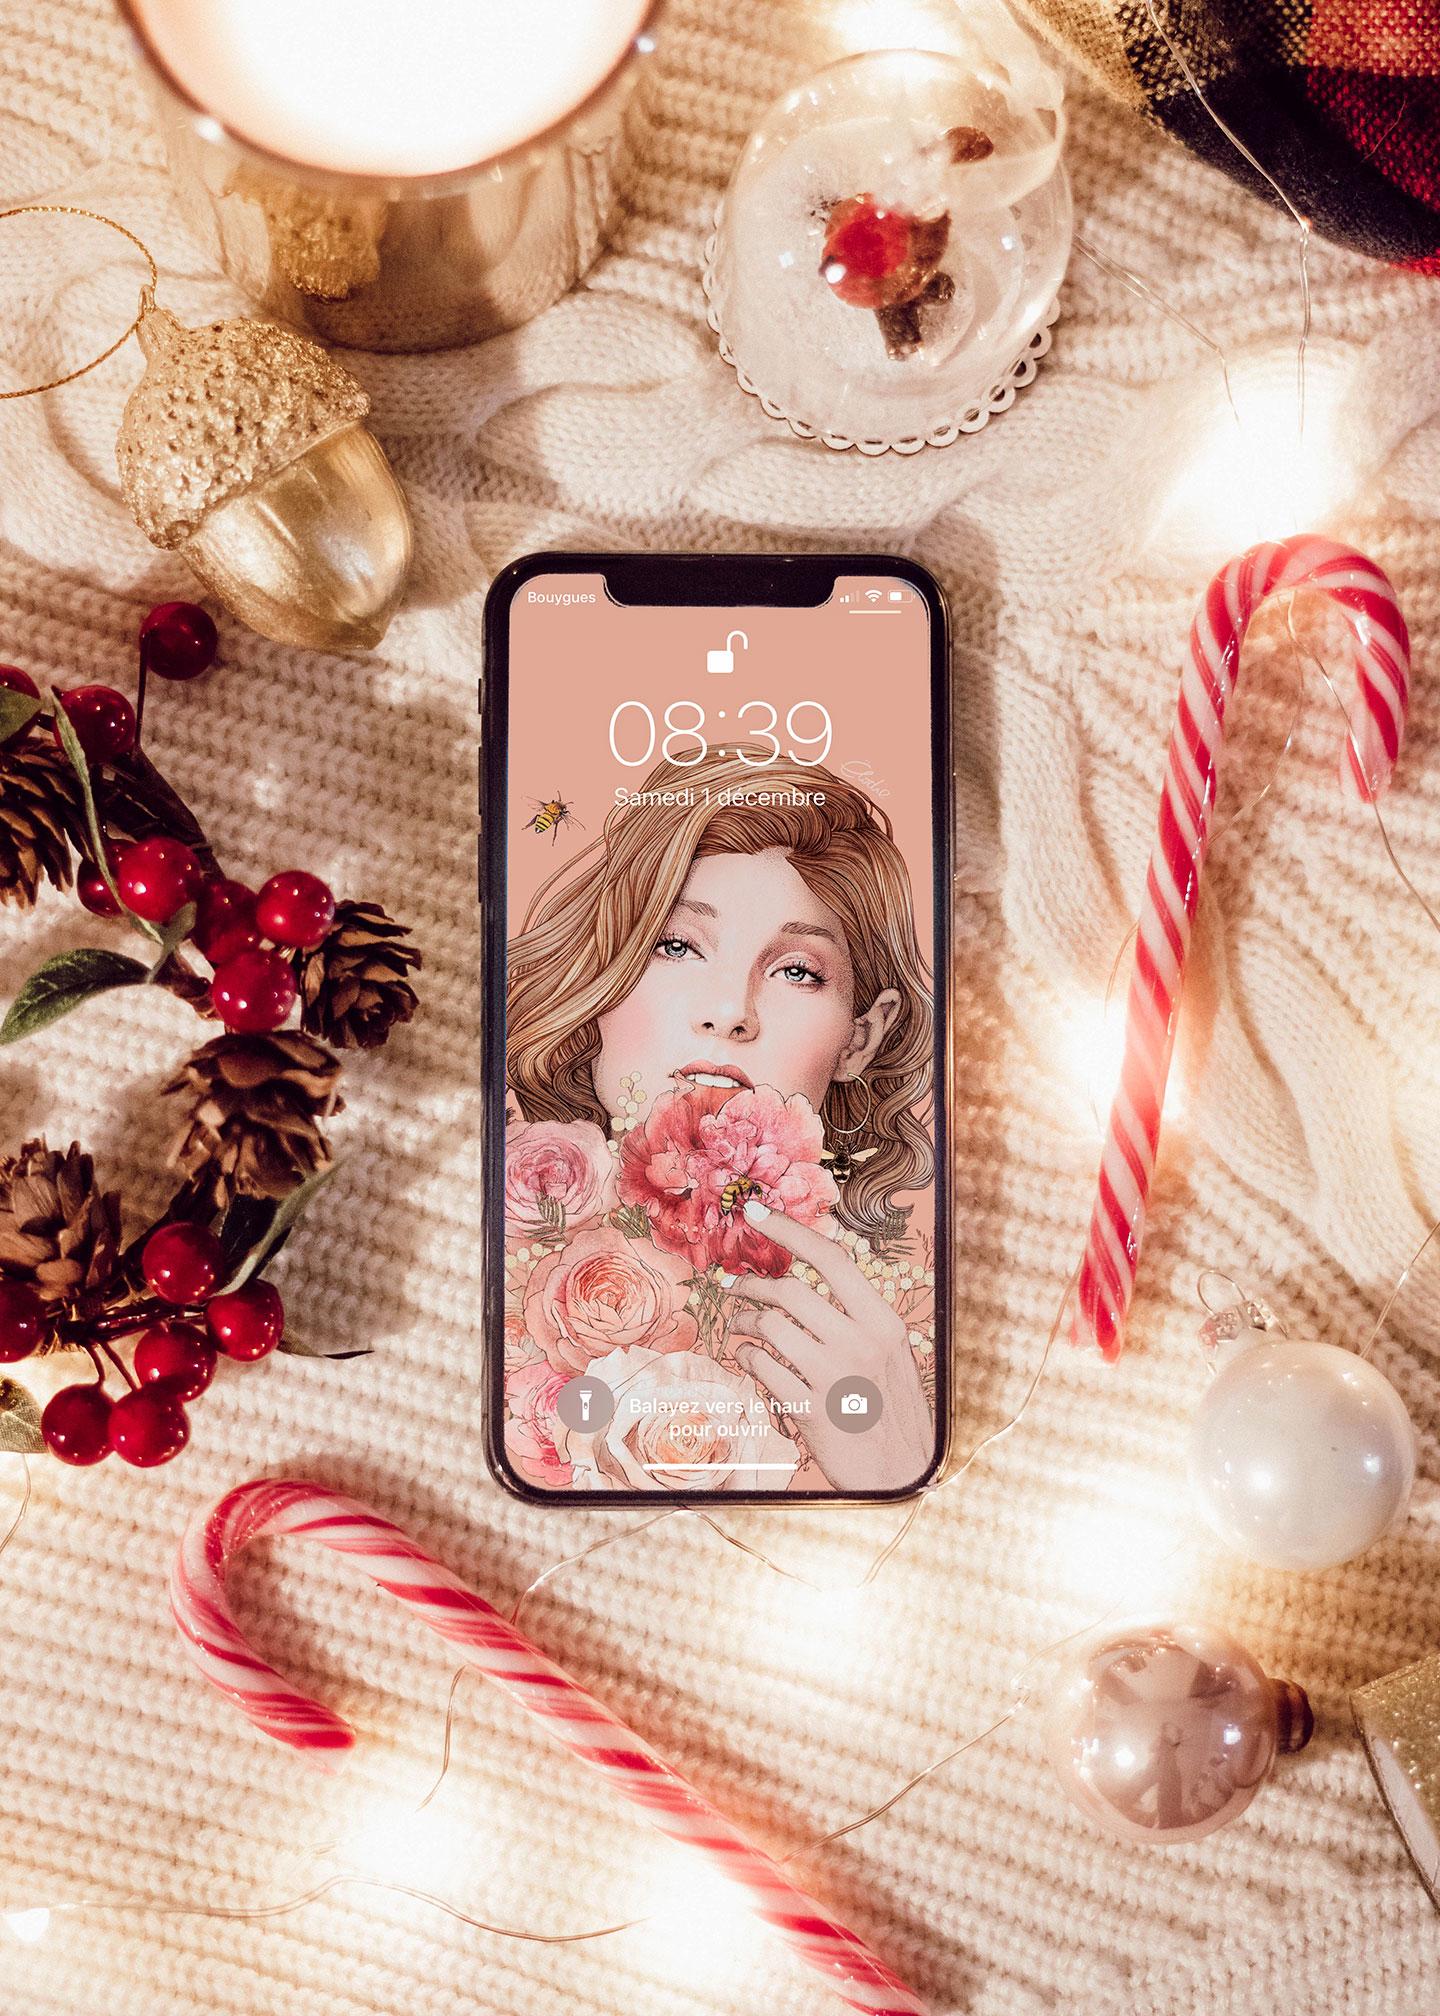 Fond d'écran gratuit de décembre - Bouquet - Cliquez pour découvrir l'article